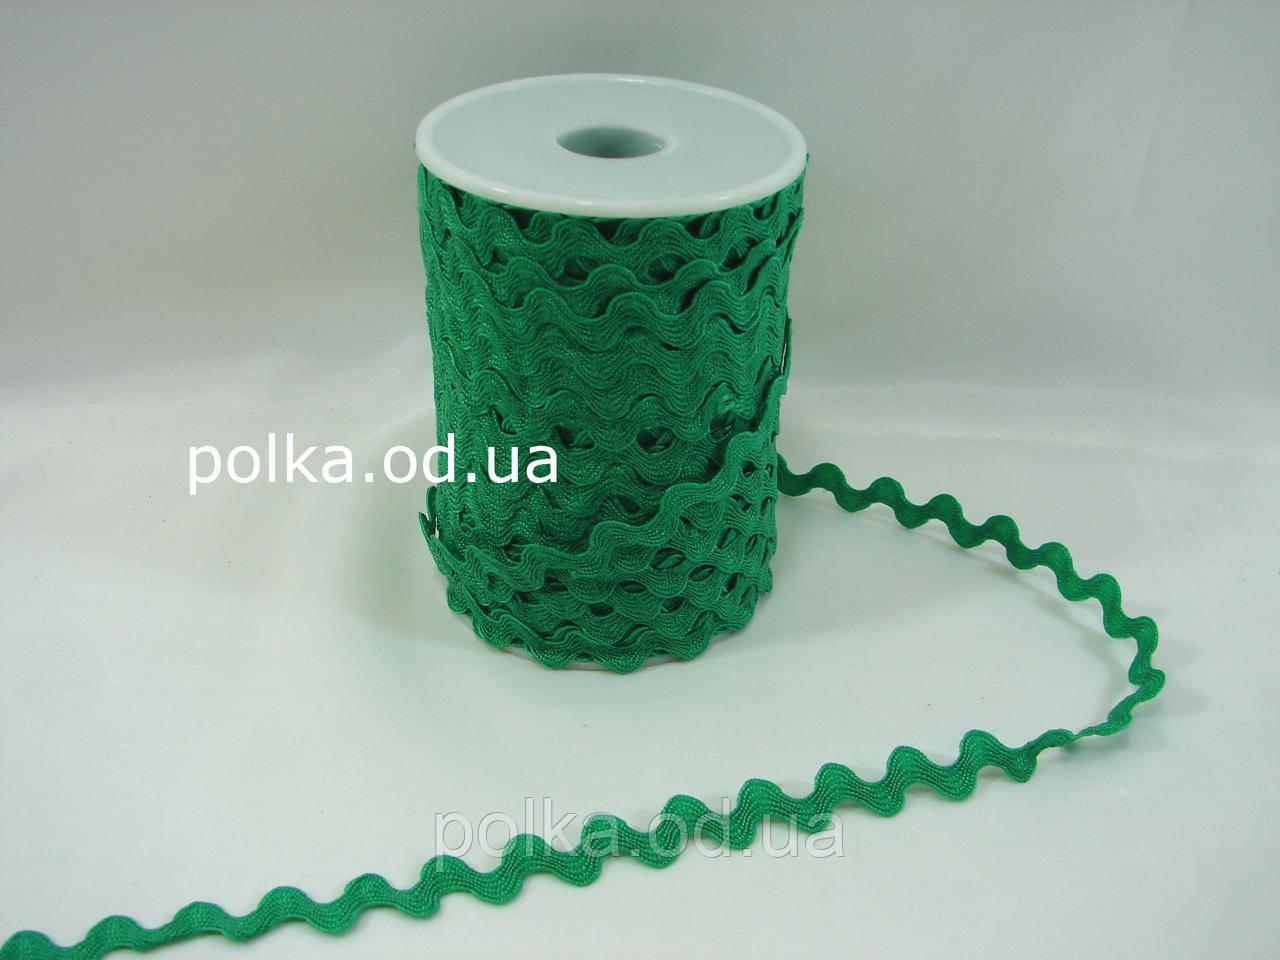 Зеленая тесьма вьюнок 5-6мм (1 уп -45метров)